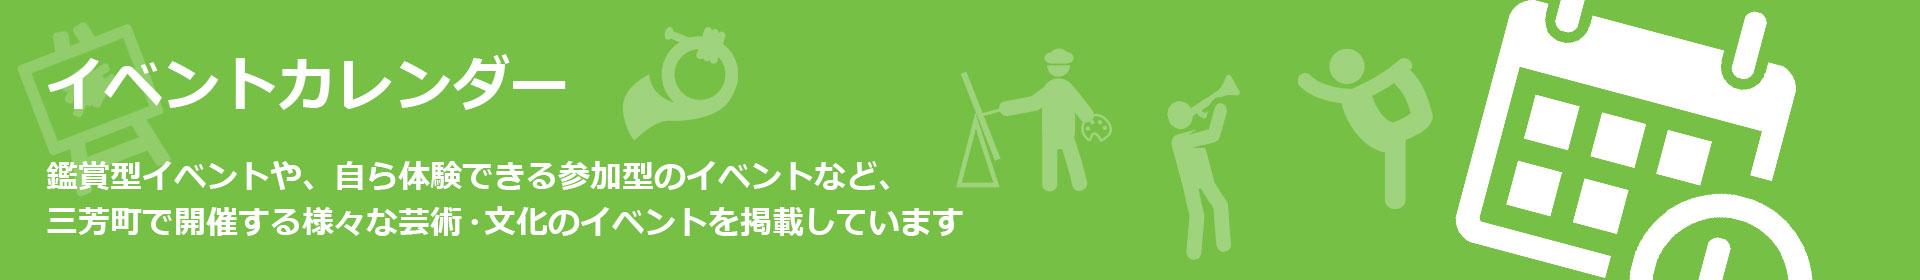 イベントカレンダー 鑑賞型イベントや、自ら体験できる参加型のイベントなど、 三芳町で開催する様々な芸術・文化のイベントを掲載しています